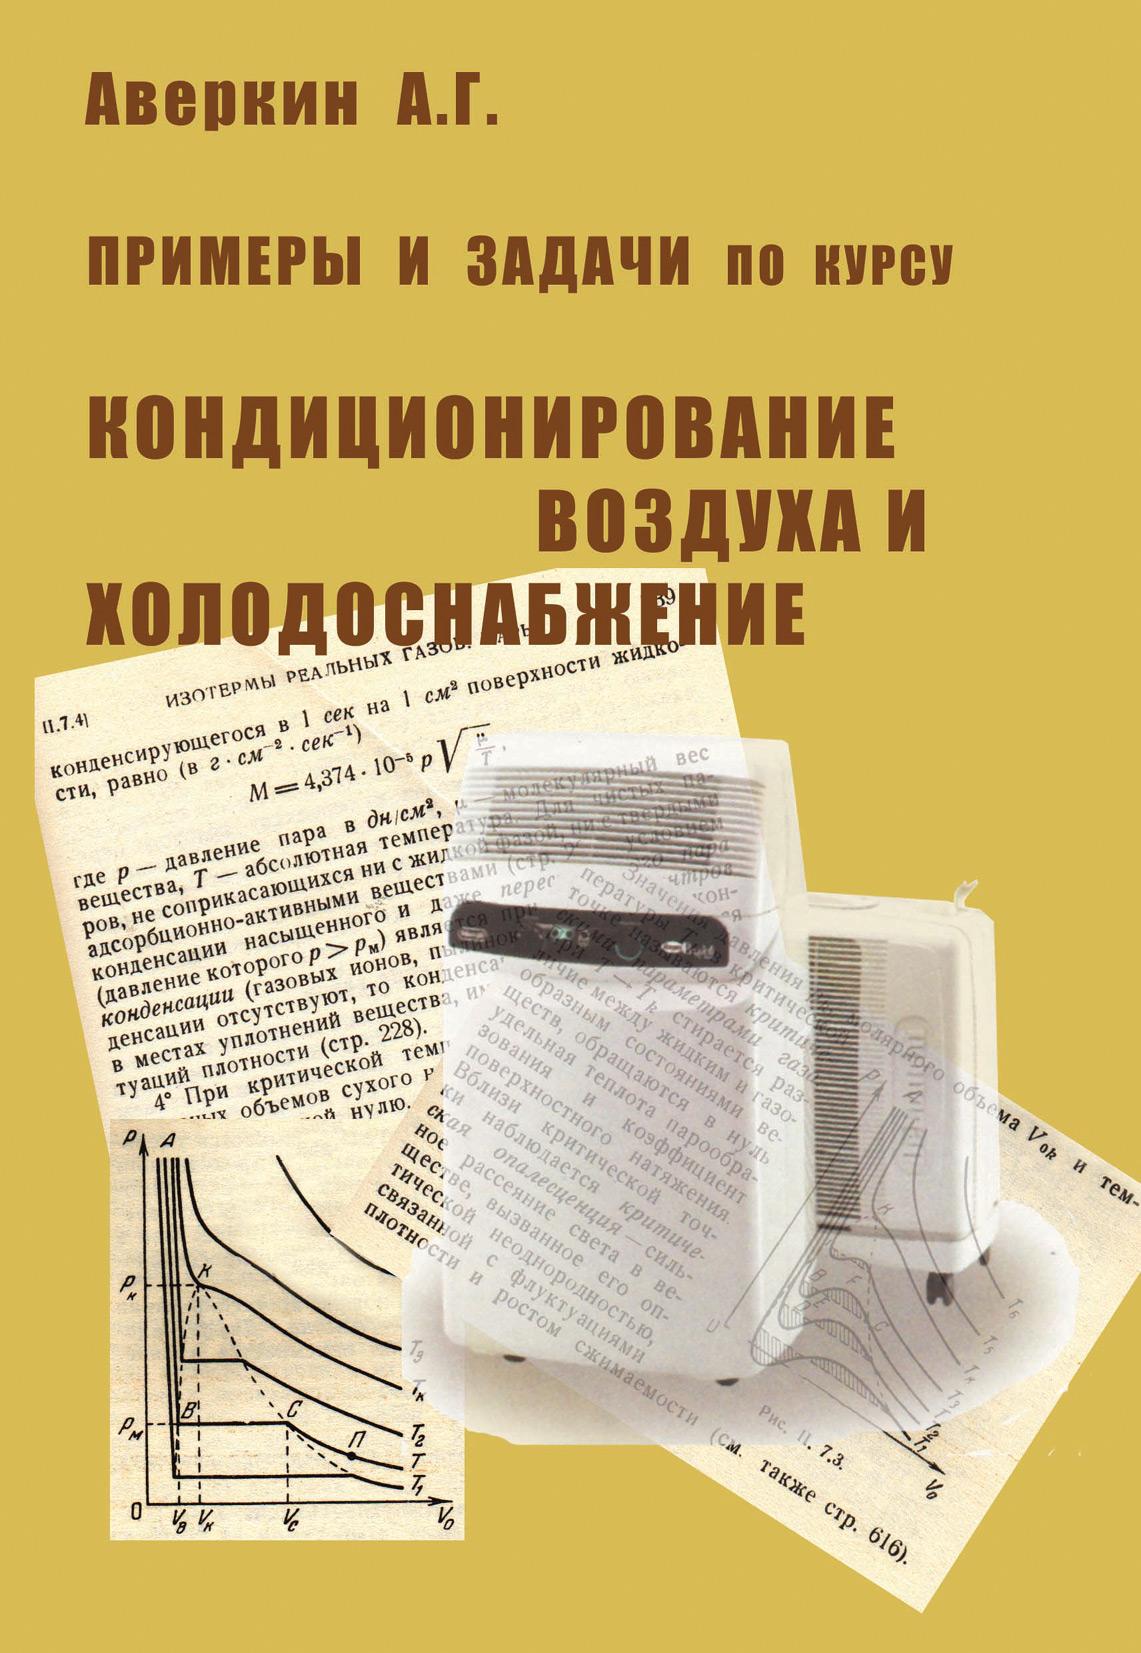 А. Г. Аверкин Примеры и задачи по курсу «Кондиционирование воздуха и холодоснабжение»